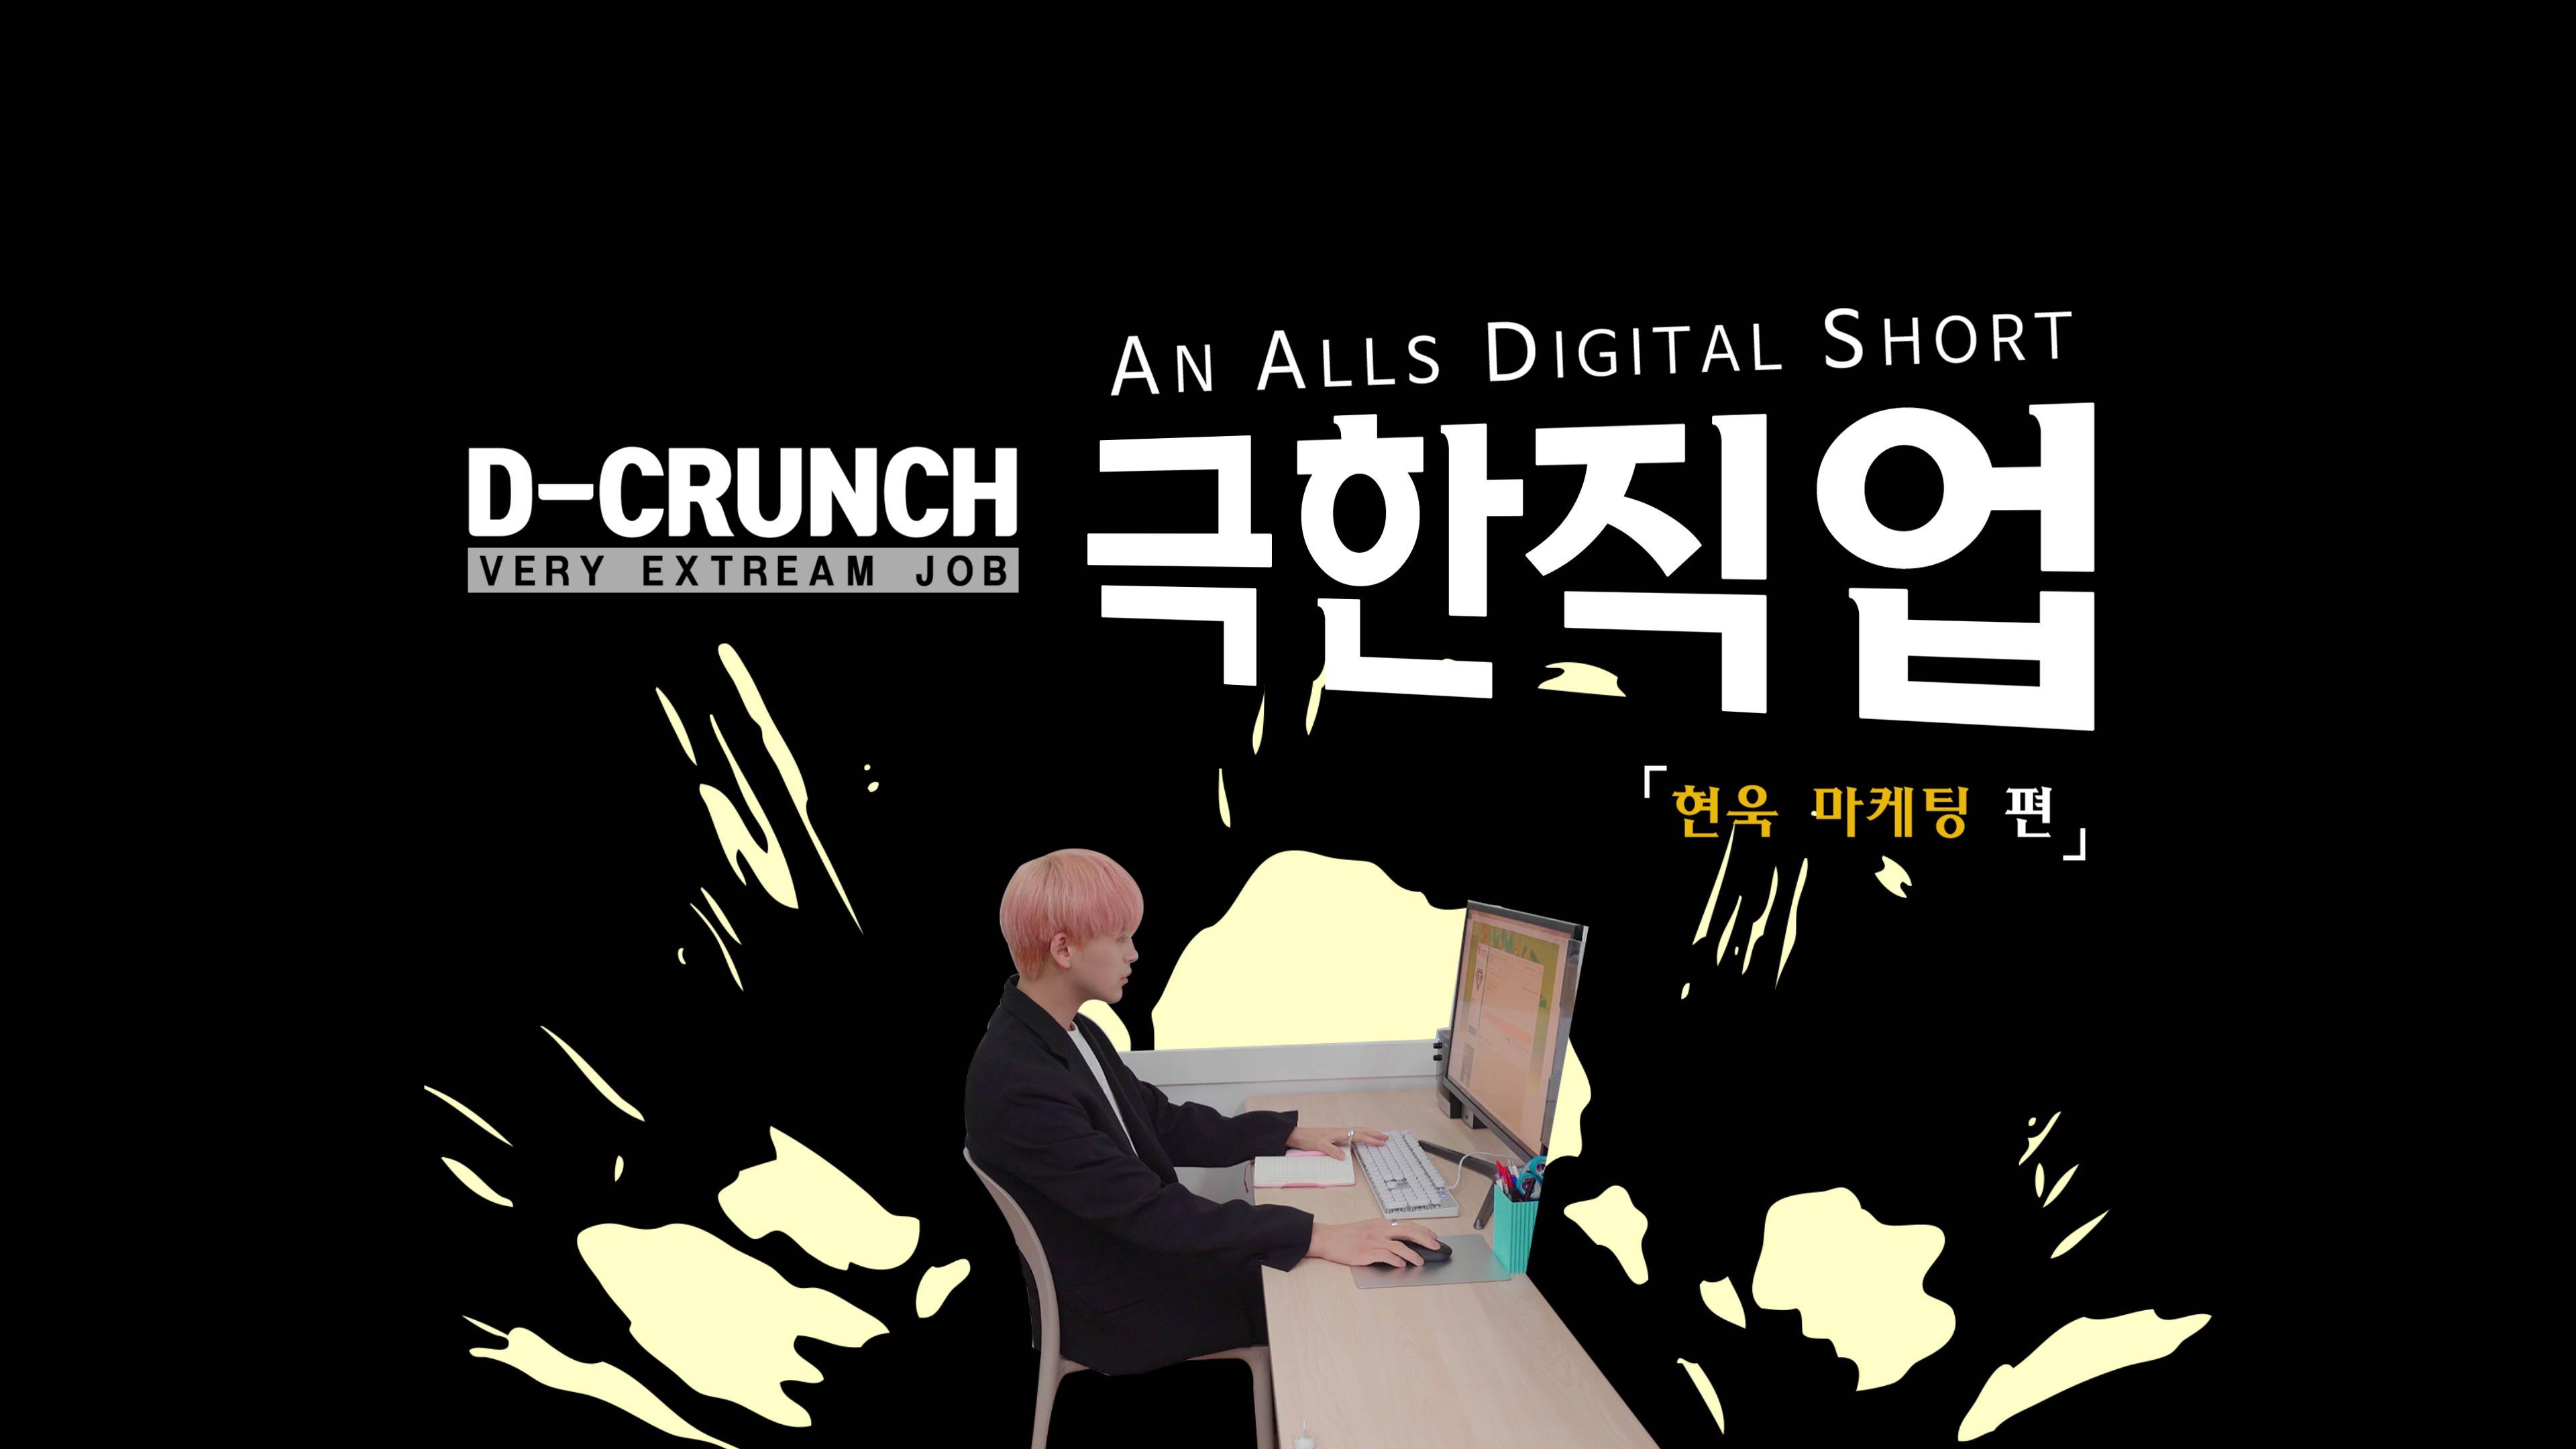 D-CRUNCH(디크런치) - 극한직업 '현욱 마케팅편'